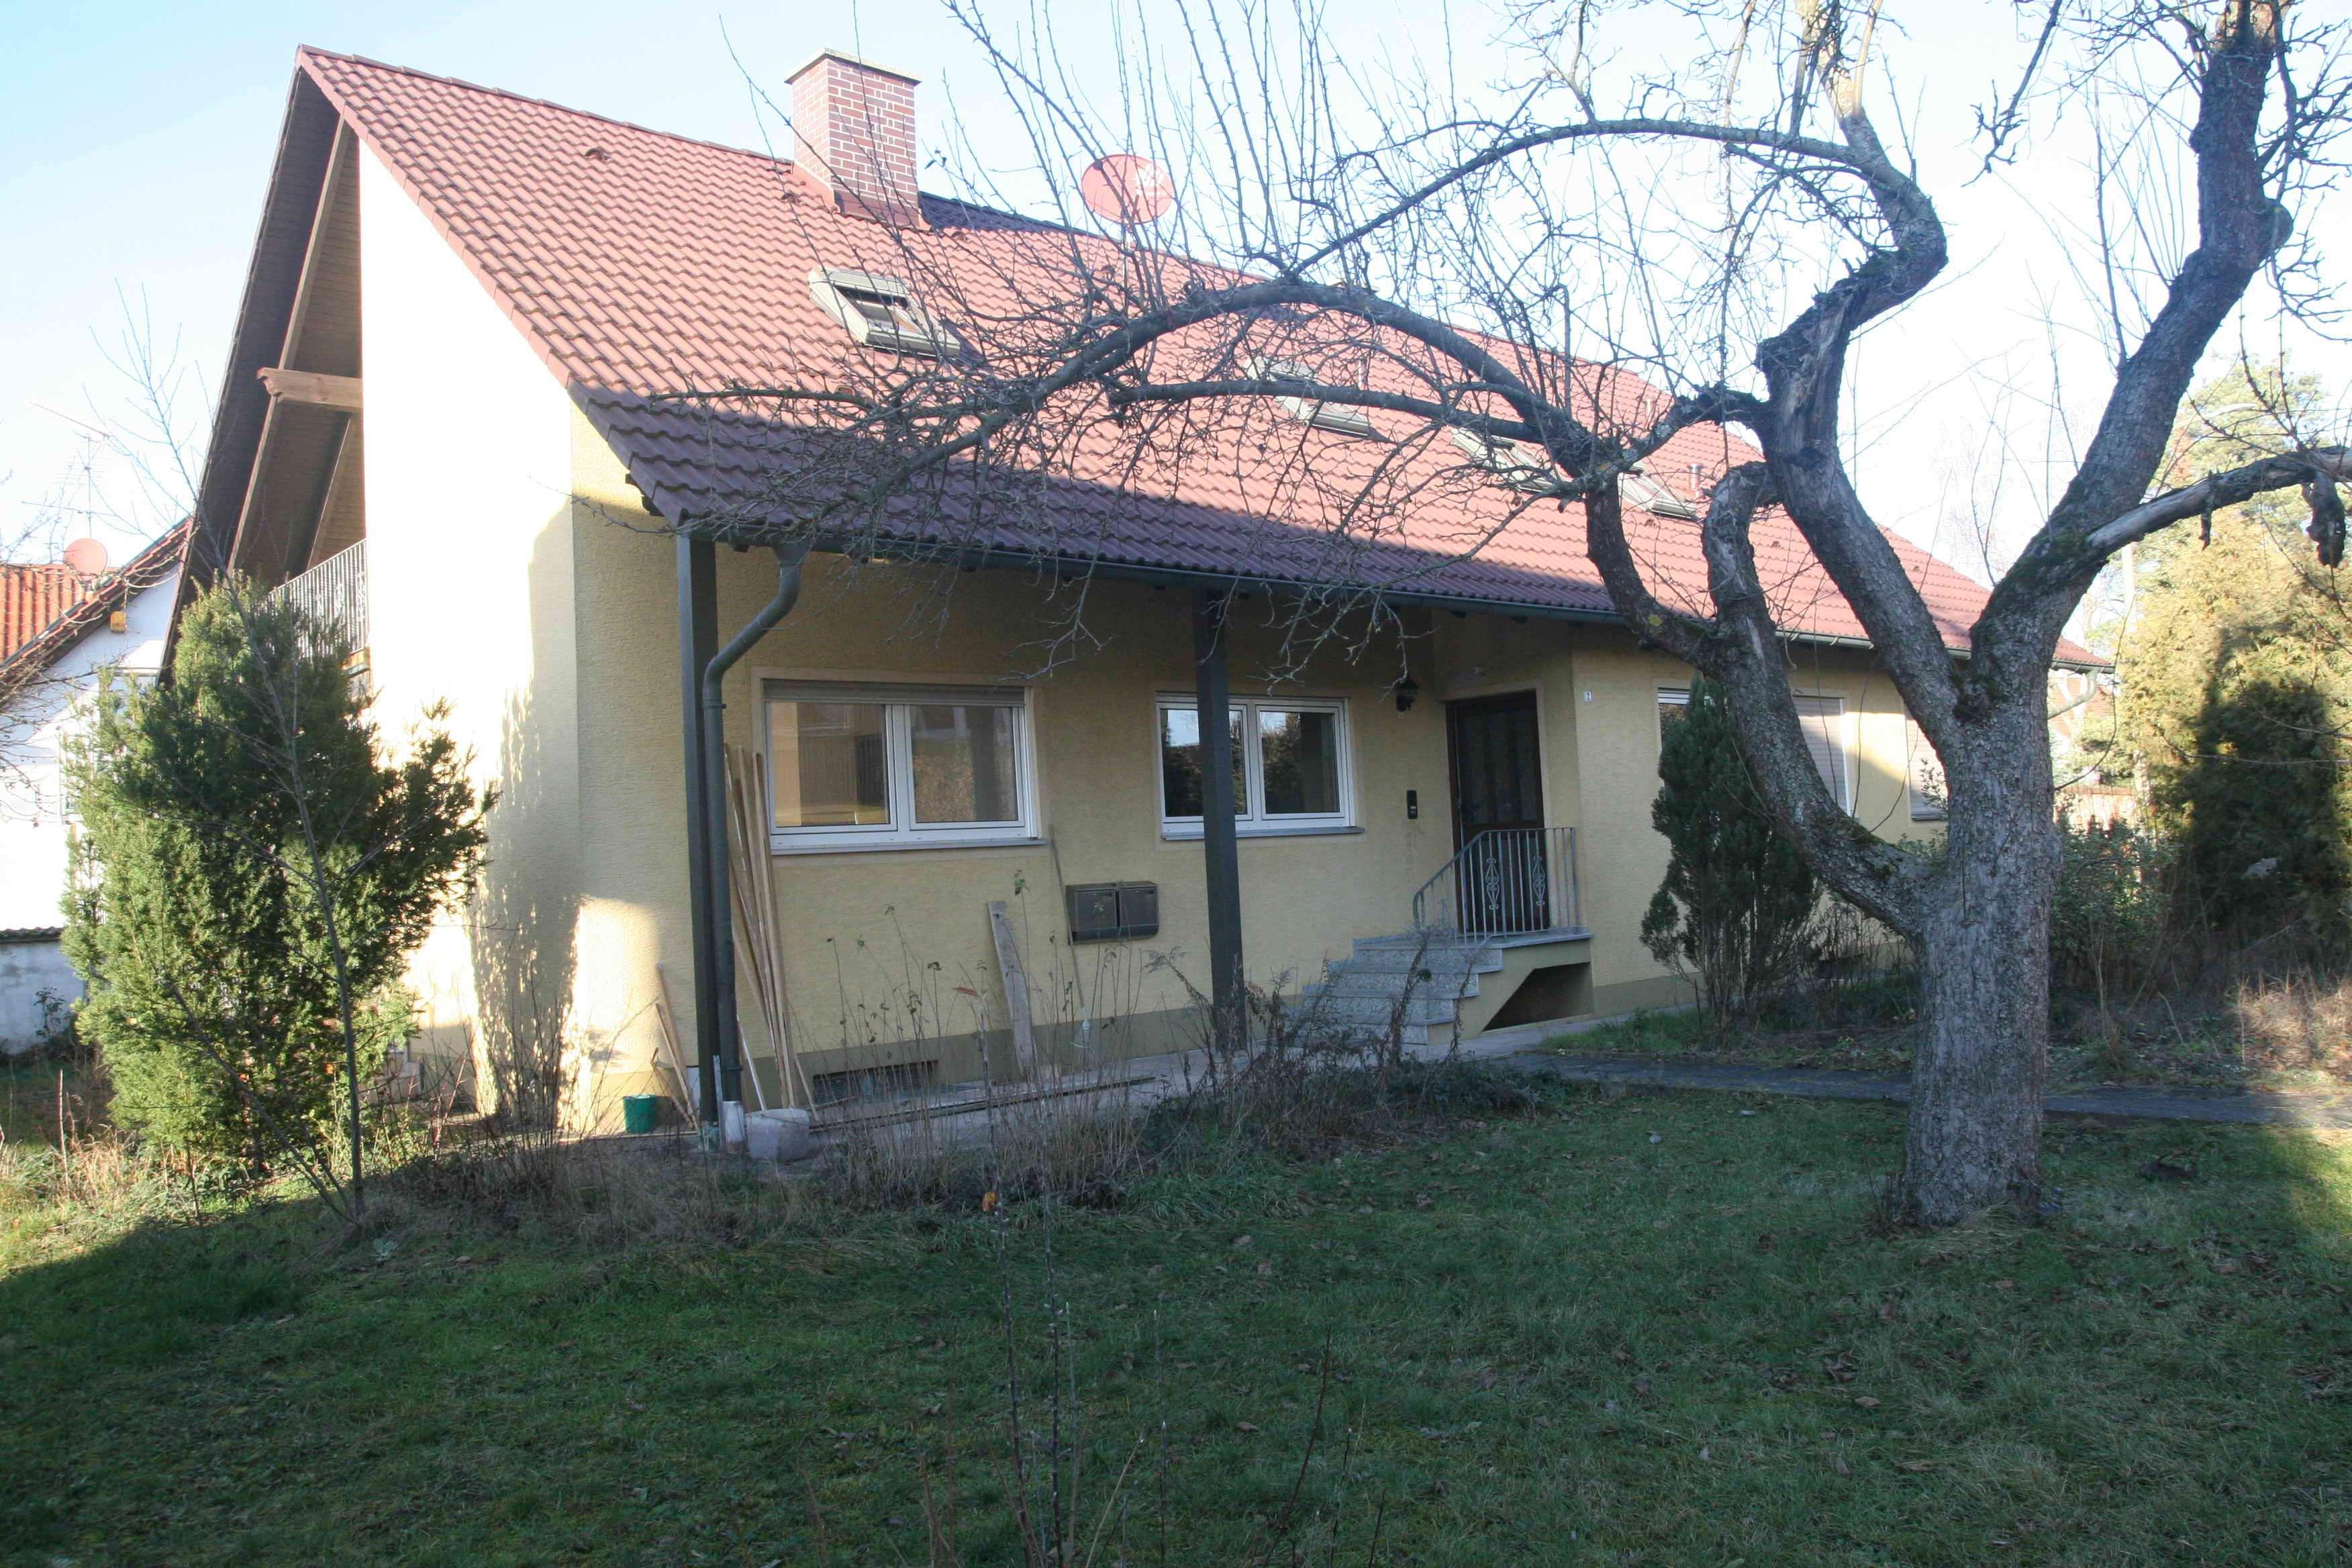 Großzügige 4-Zimmer-Dachgeschoß-Wohnung (97qm) mit Balkon in Möhrendorf in Möhrendorf